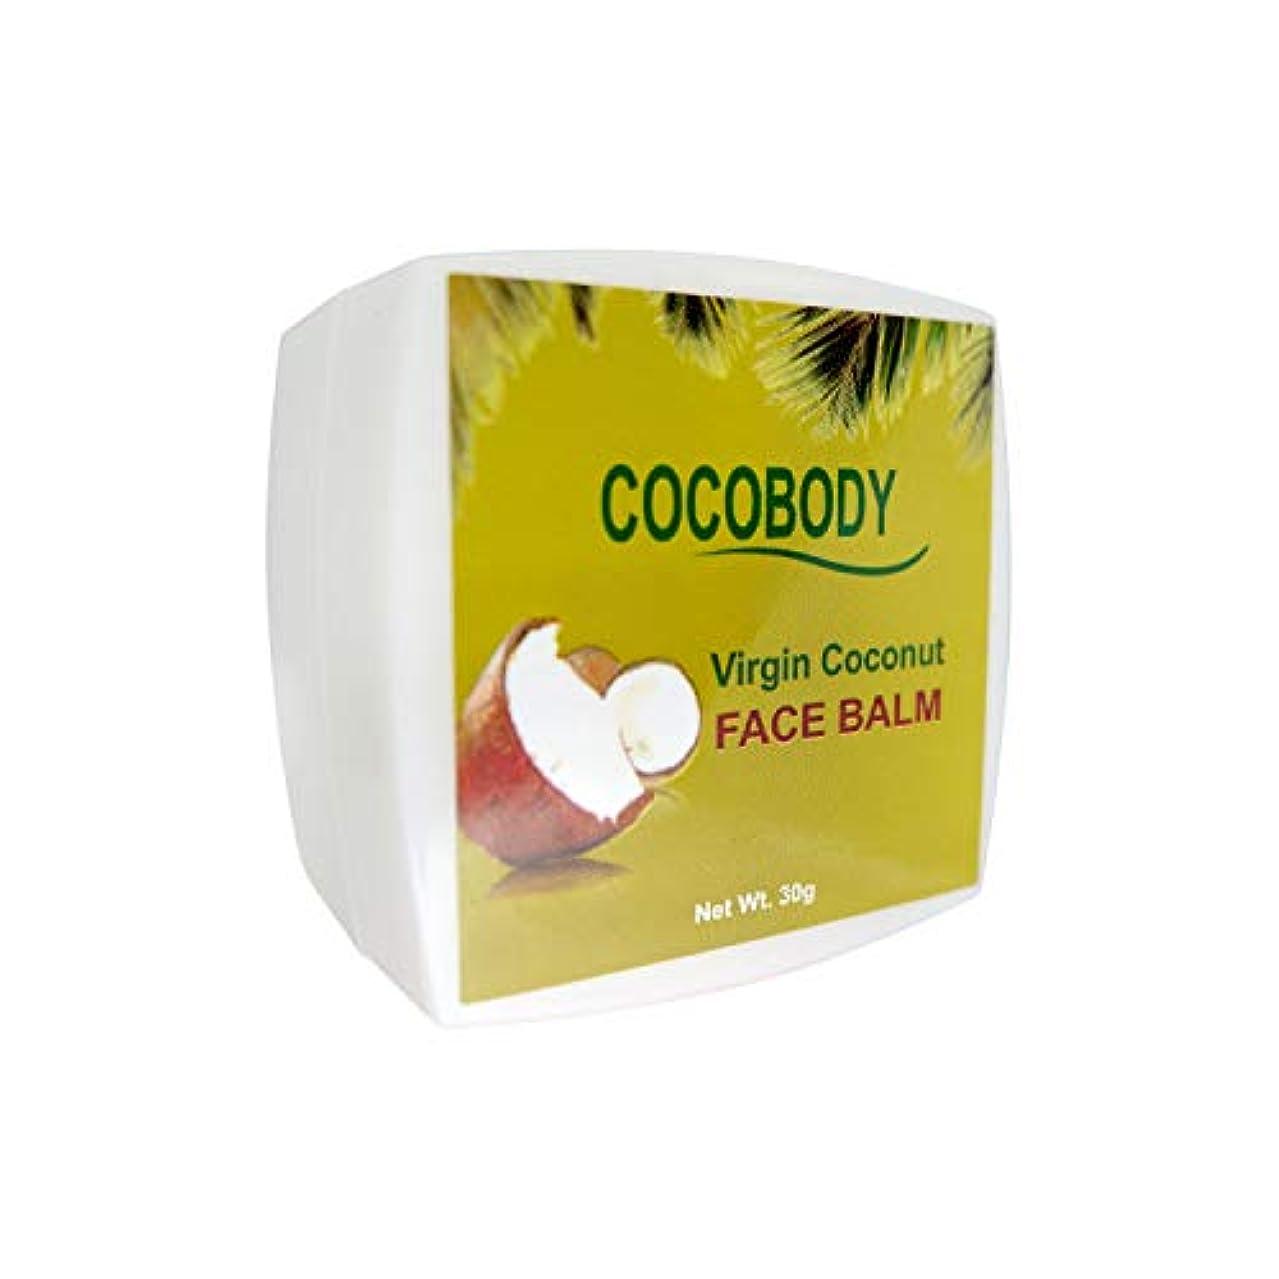 ナプキン柔和不倫COCOBODY, ココボディ フェイスバーム パイン 30g (自然派、ボタニカル) メンズも使える! 【メーカー正規直販品】